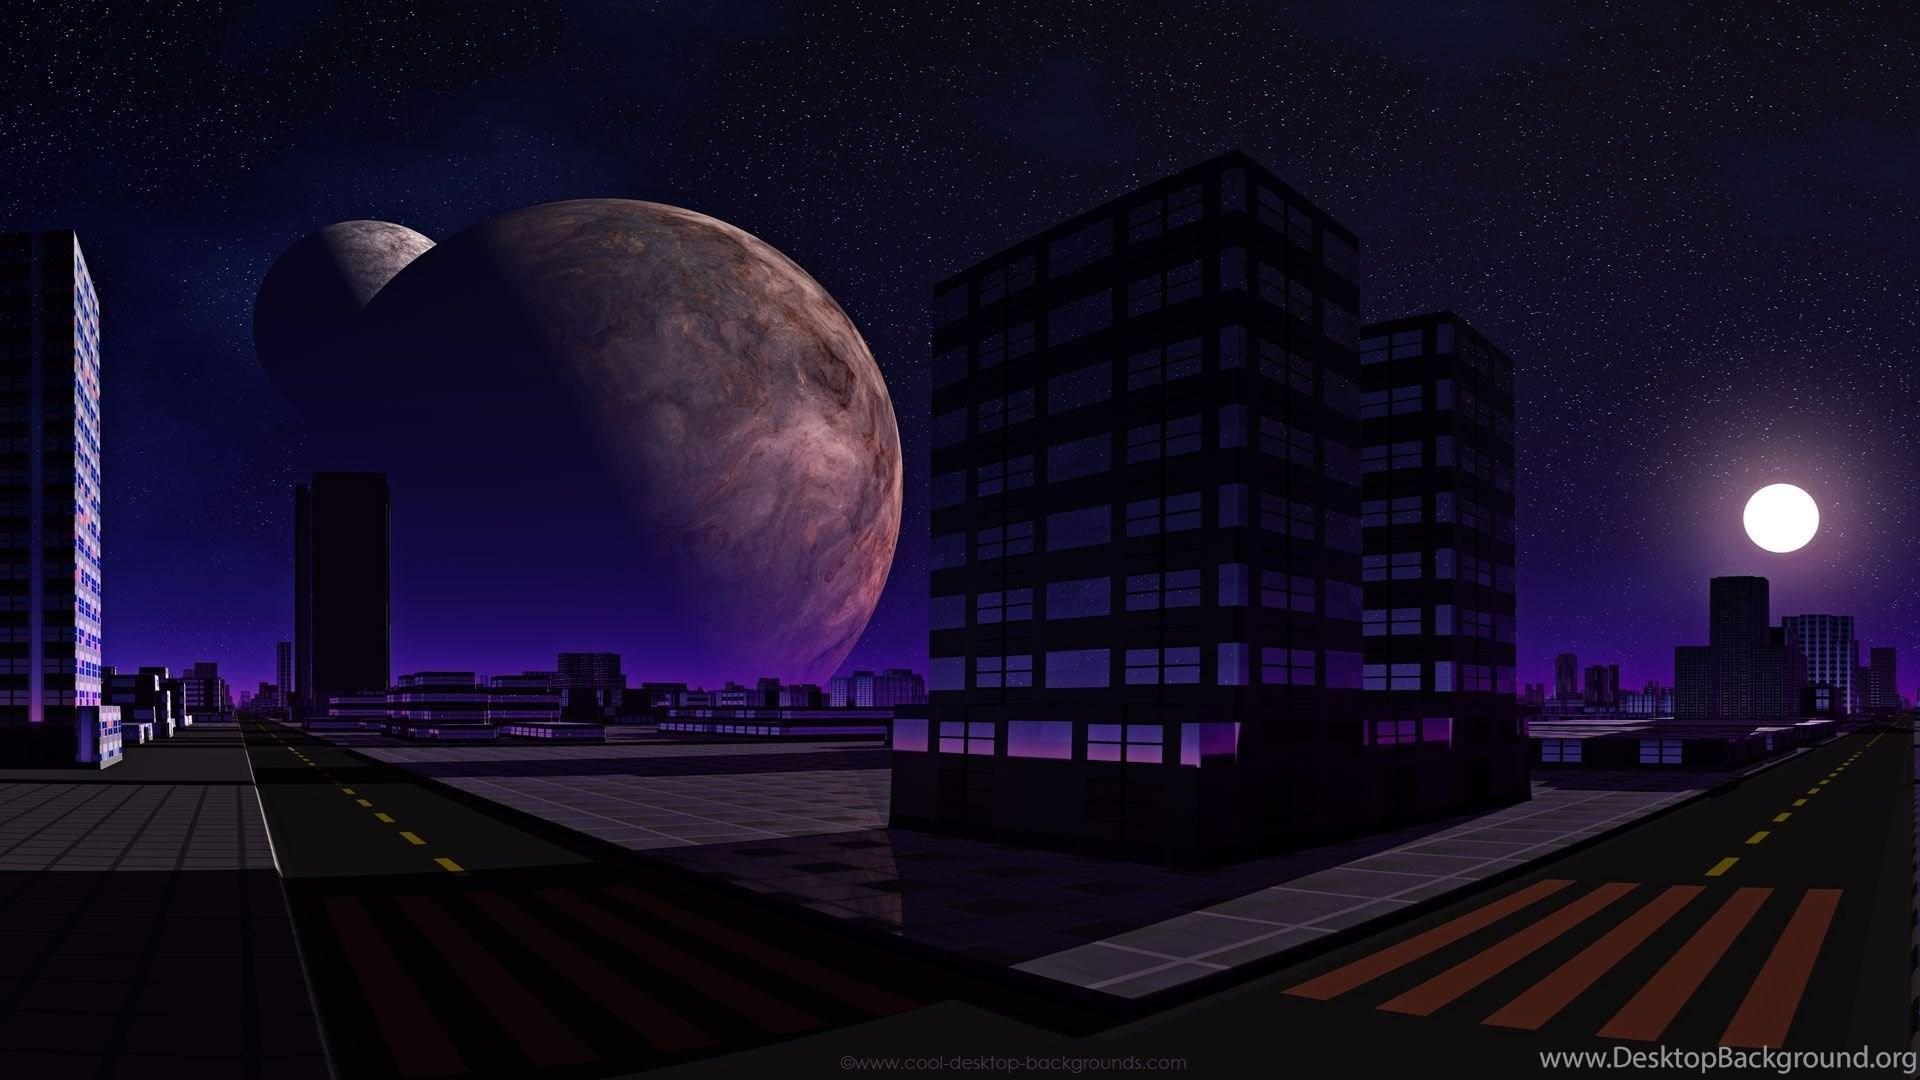 Cool Planet Backgrounds Desktop Background